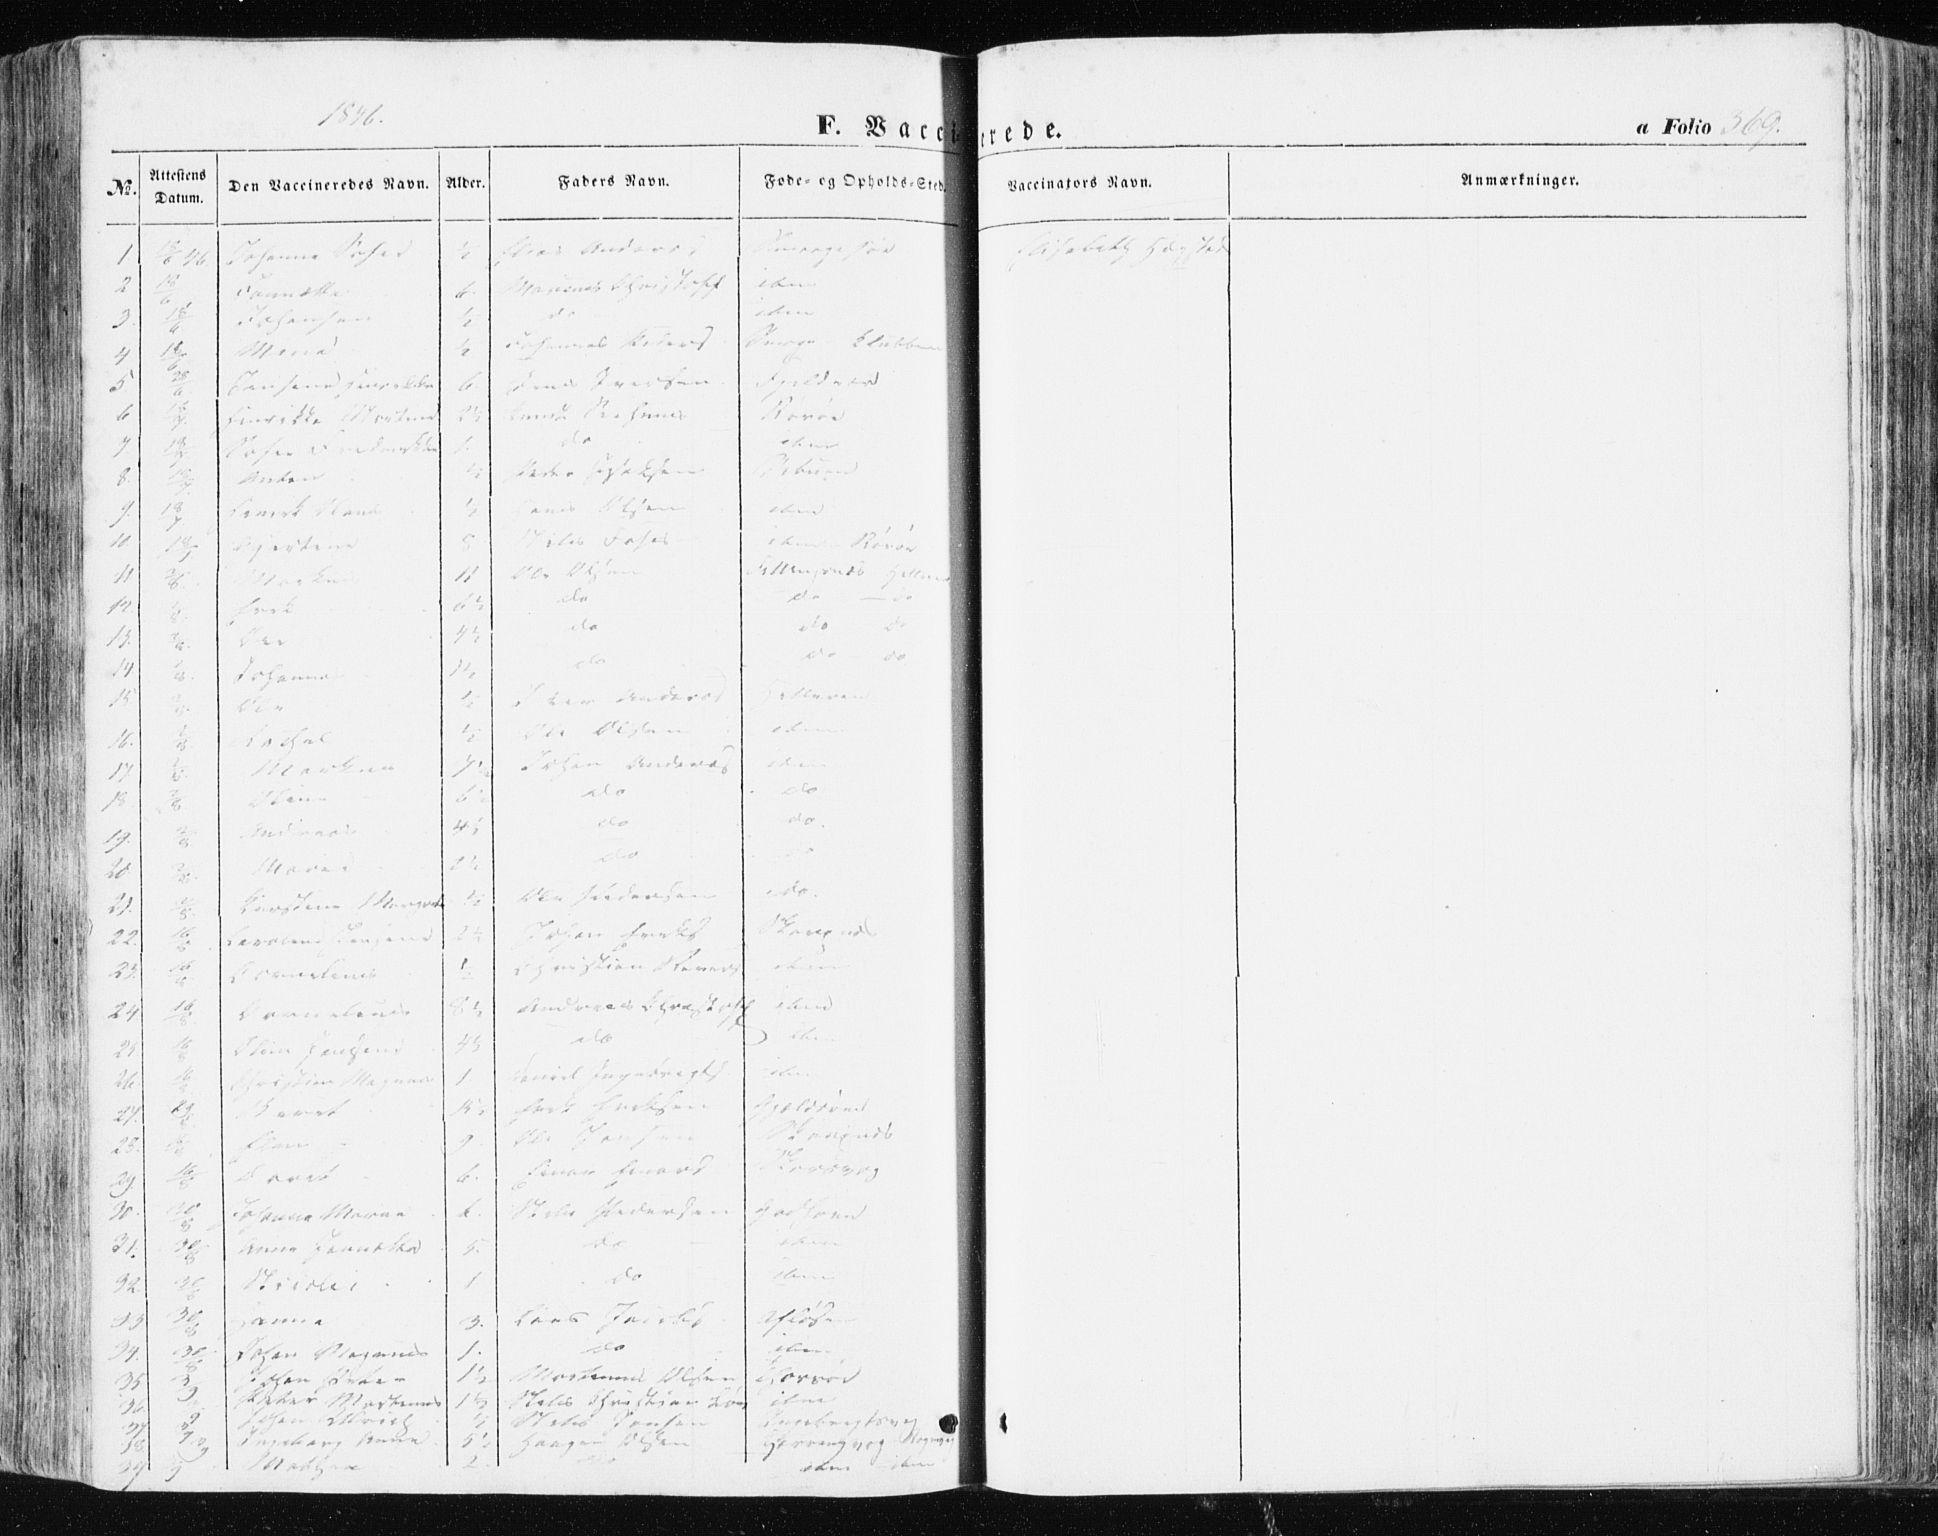 SAT, Ministerialprotokoller, klokkerbøker og fødselsregistre - Sør-Trøndelag, 634/L0529: Ministerialbok nr. 634A05, 1843-1851, s. 369